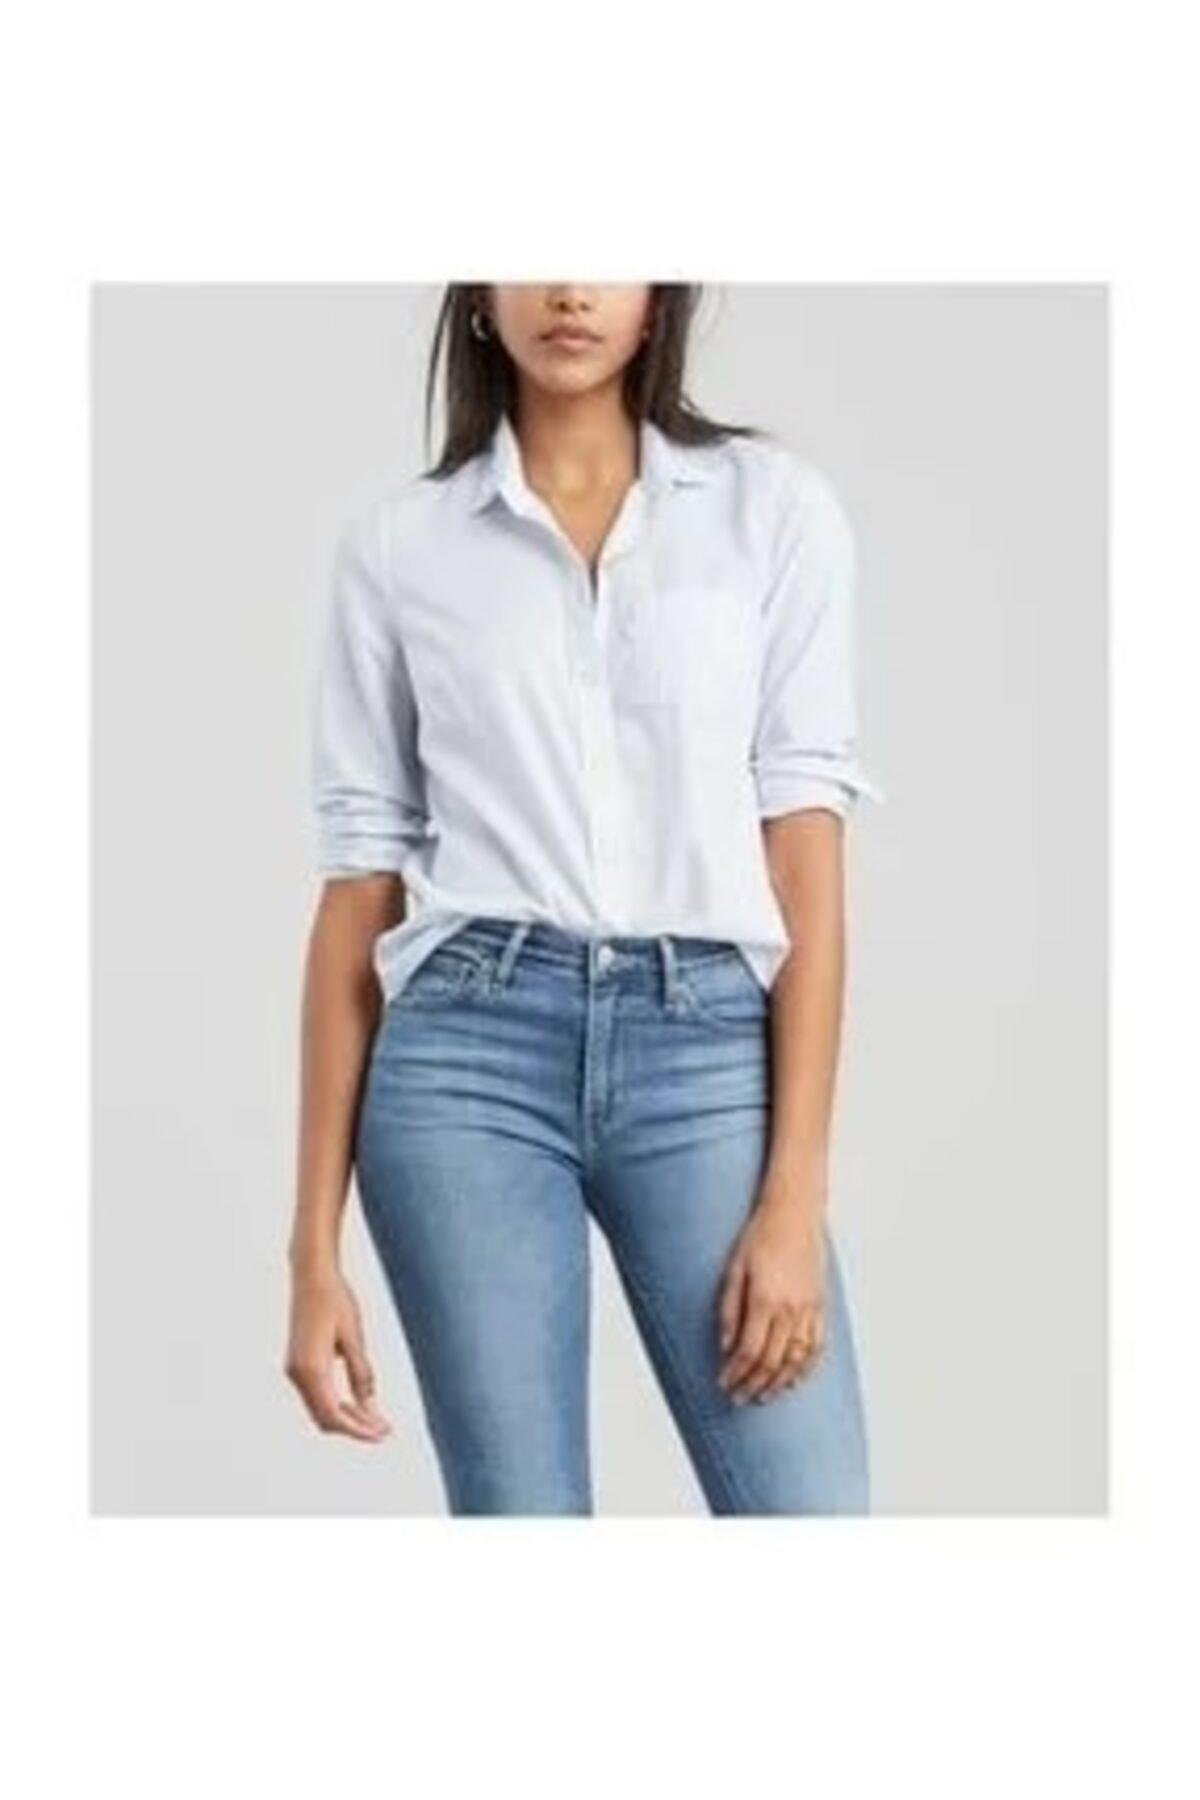 Levi's Kadın Mavi Gömlek 23548-0098 1